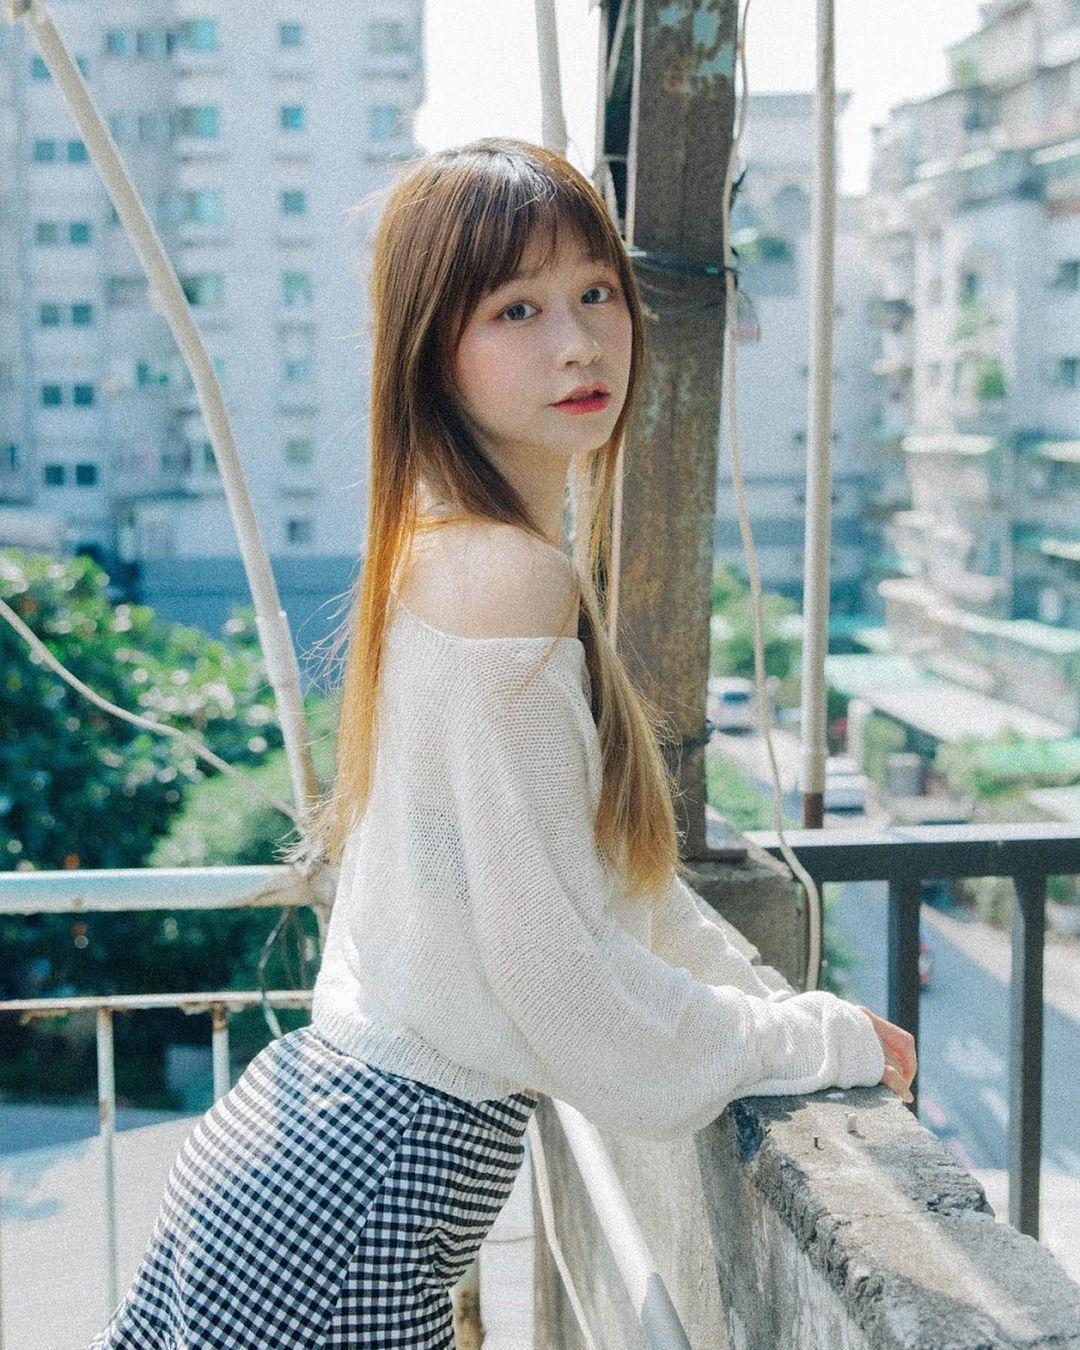 [FB网美]邻家女孩Yusi 光看到这脸蛋就恋爱了!-喵喵女